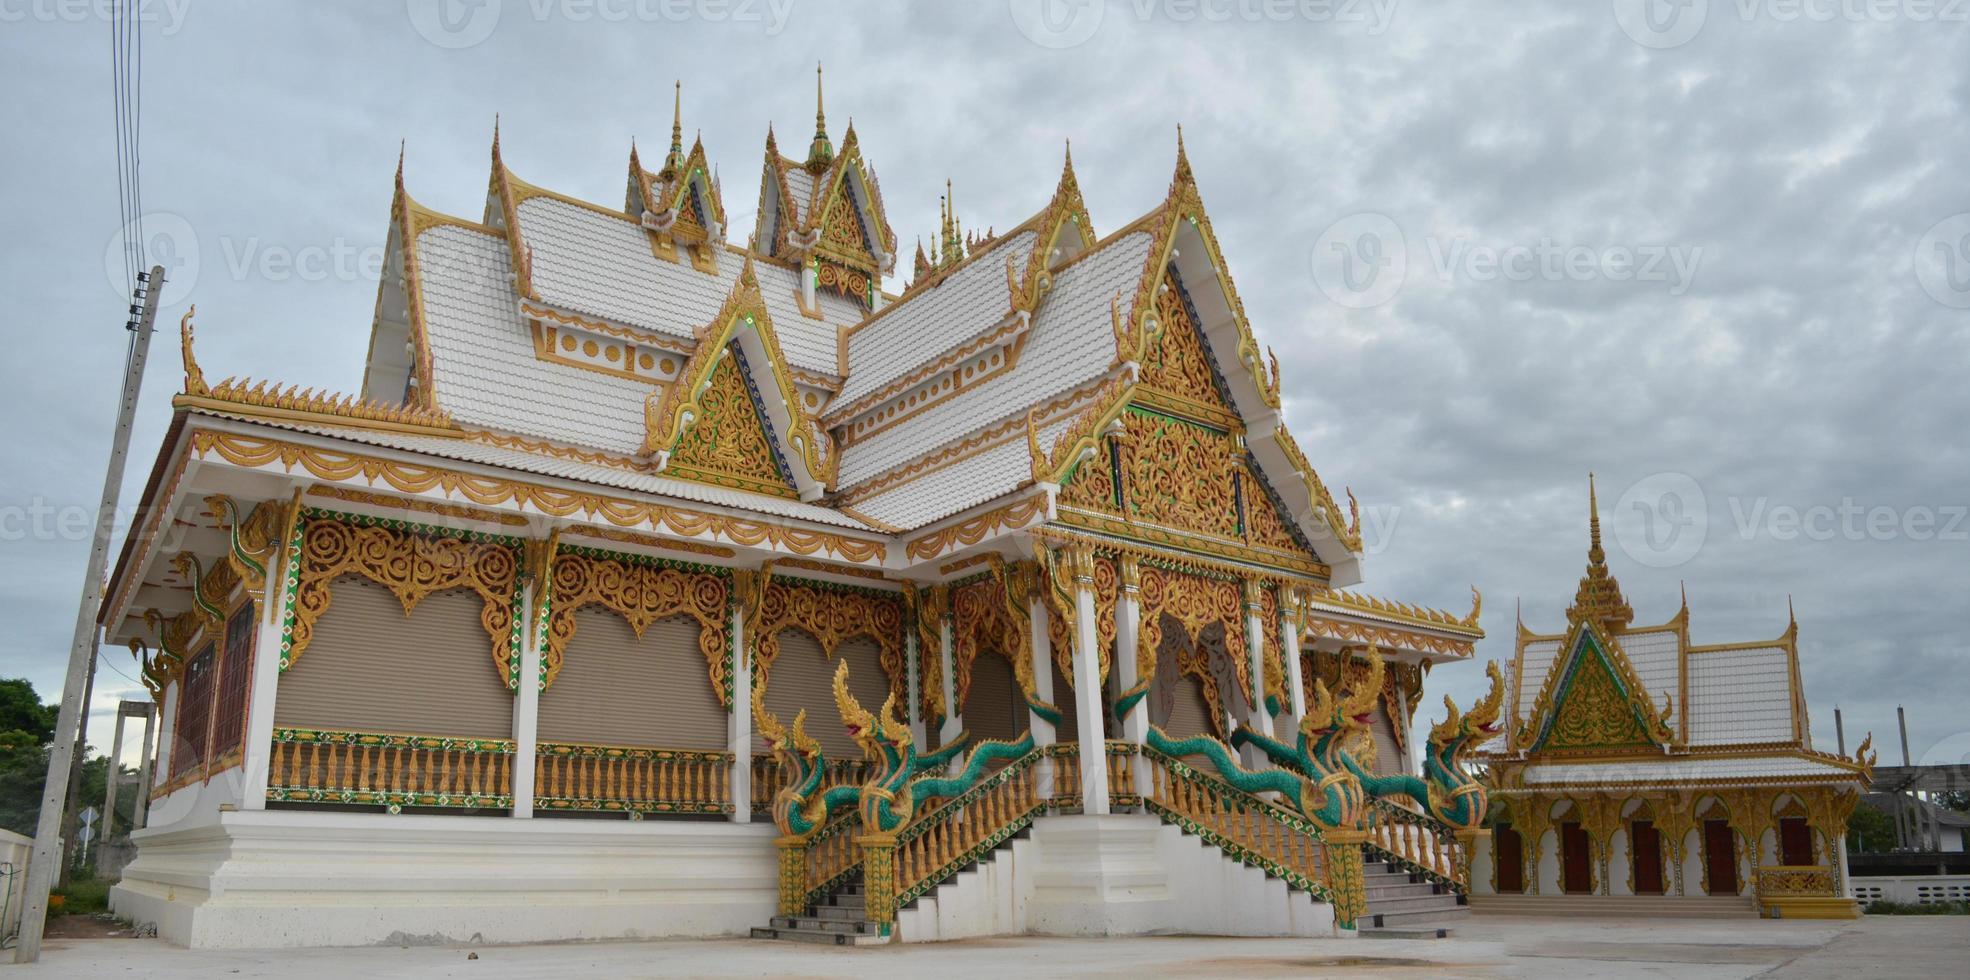 grand temple doré thaïlande photo